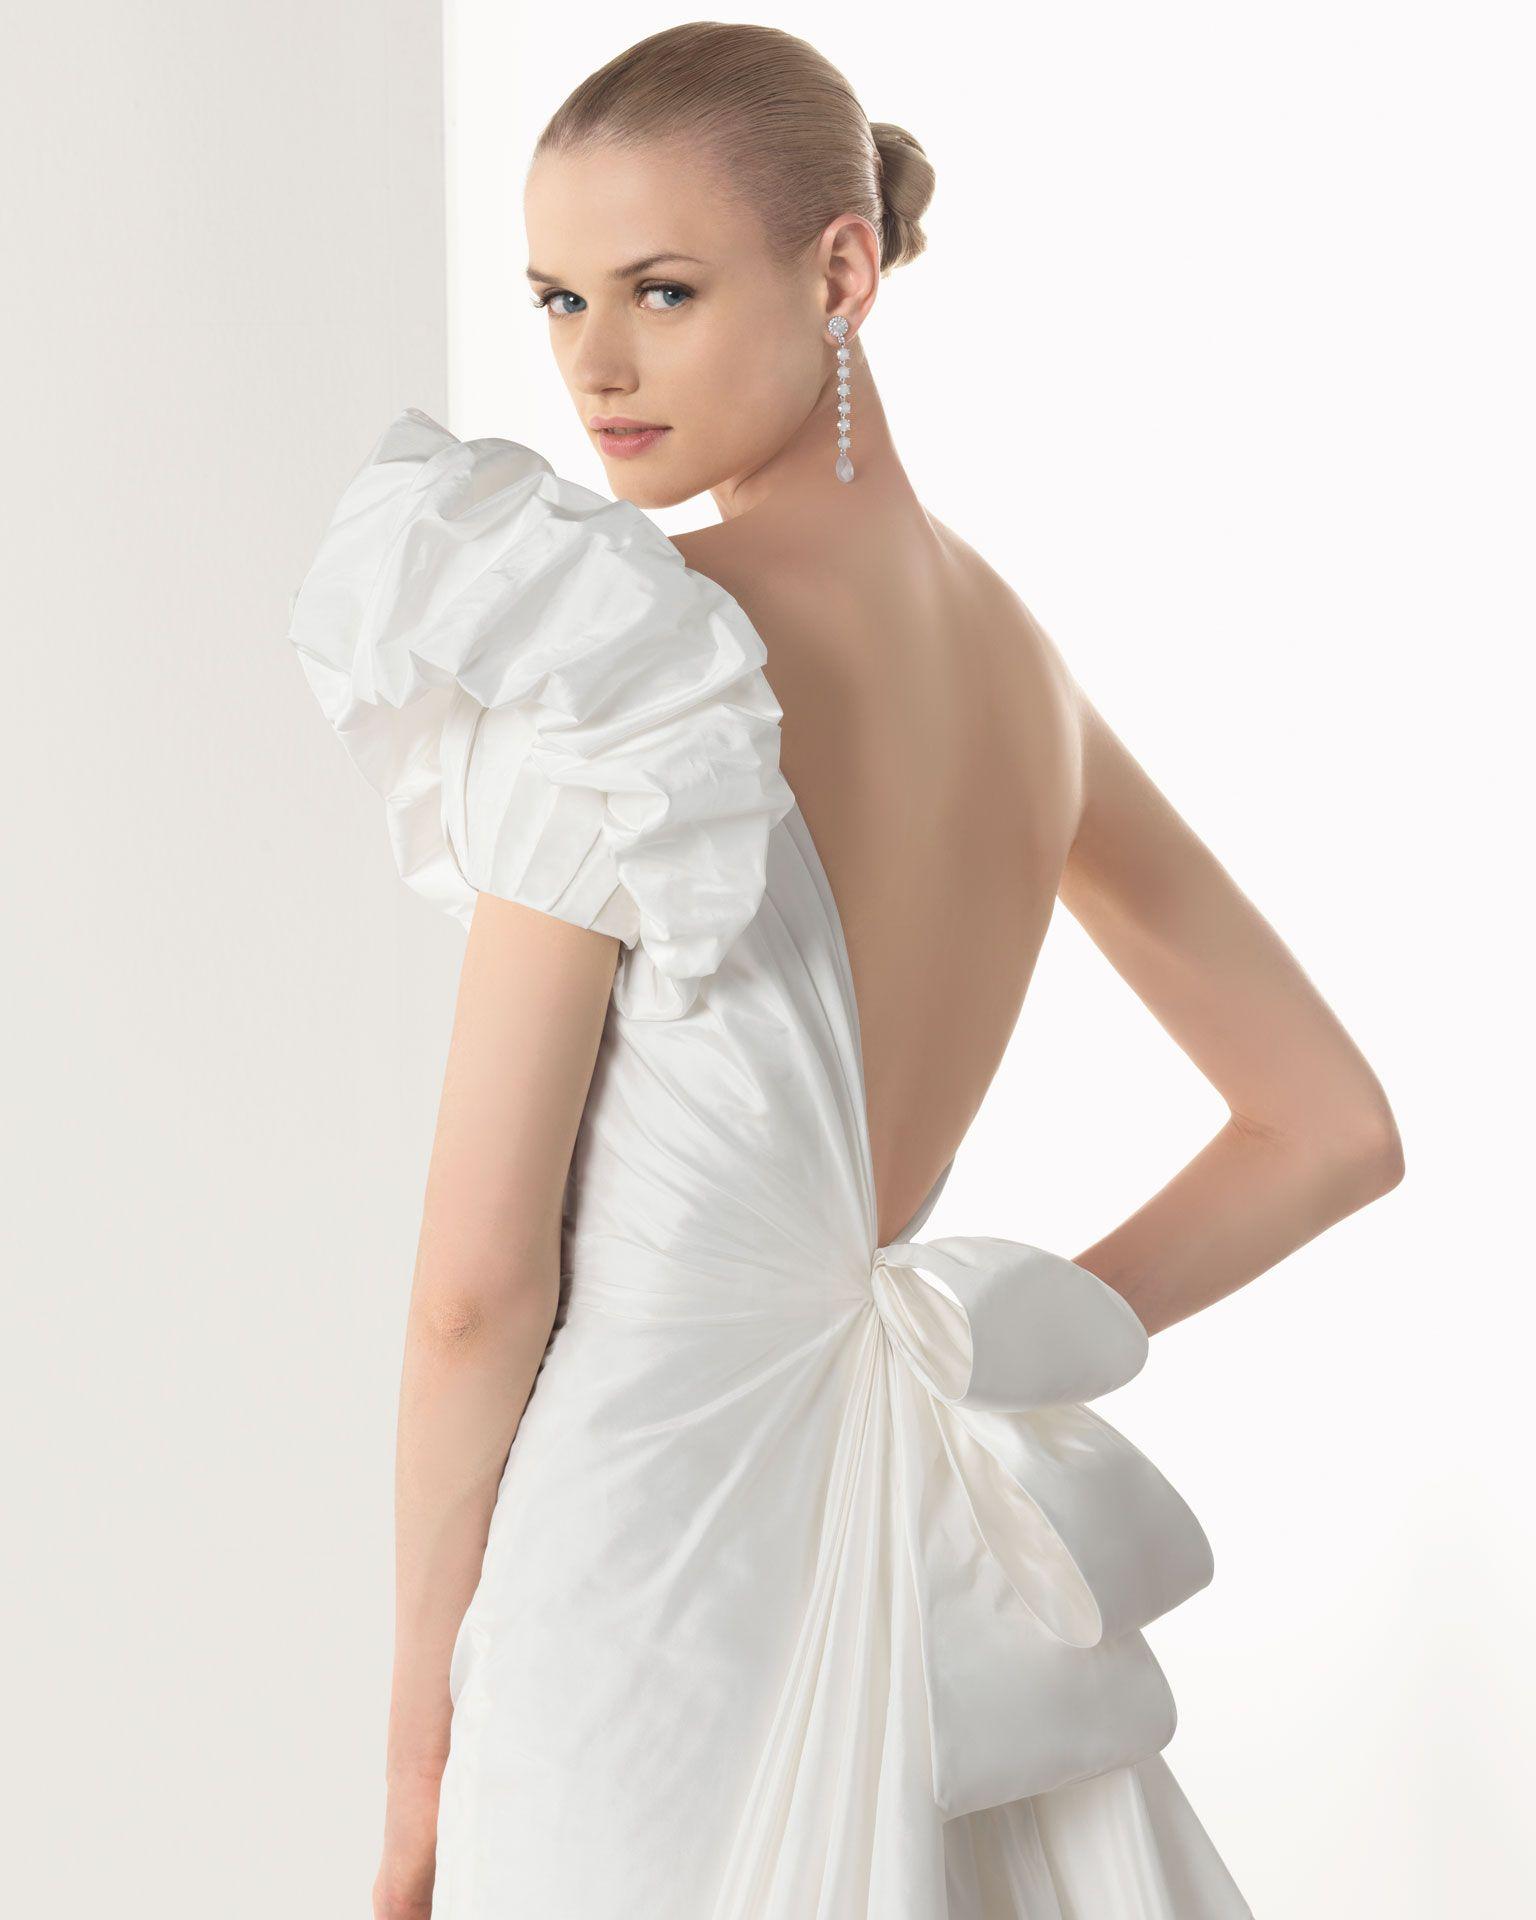 BORNEO - Vestido en tafetán de seda en color marfil | Wedding ...